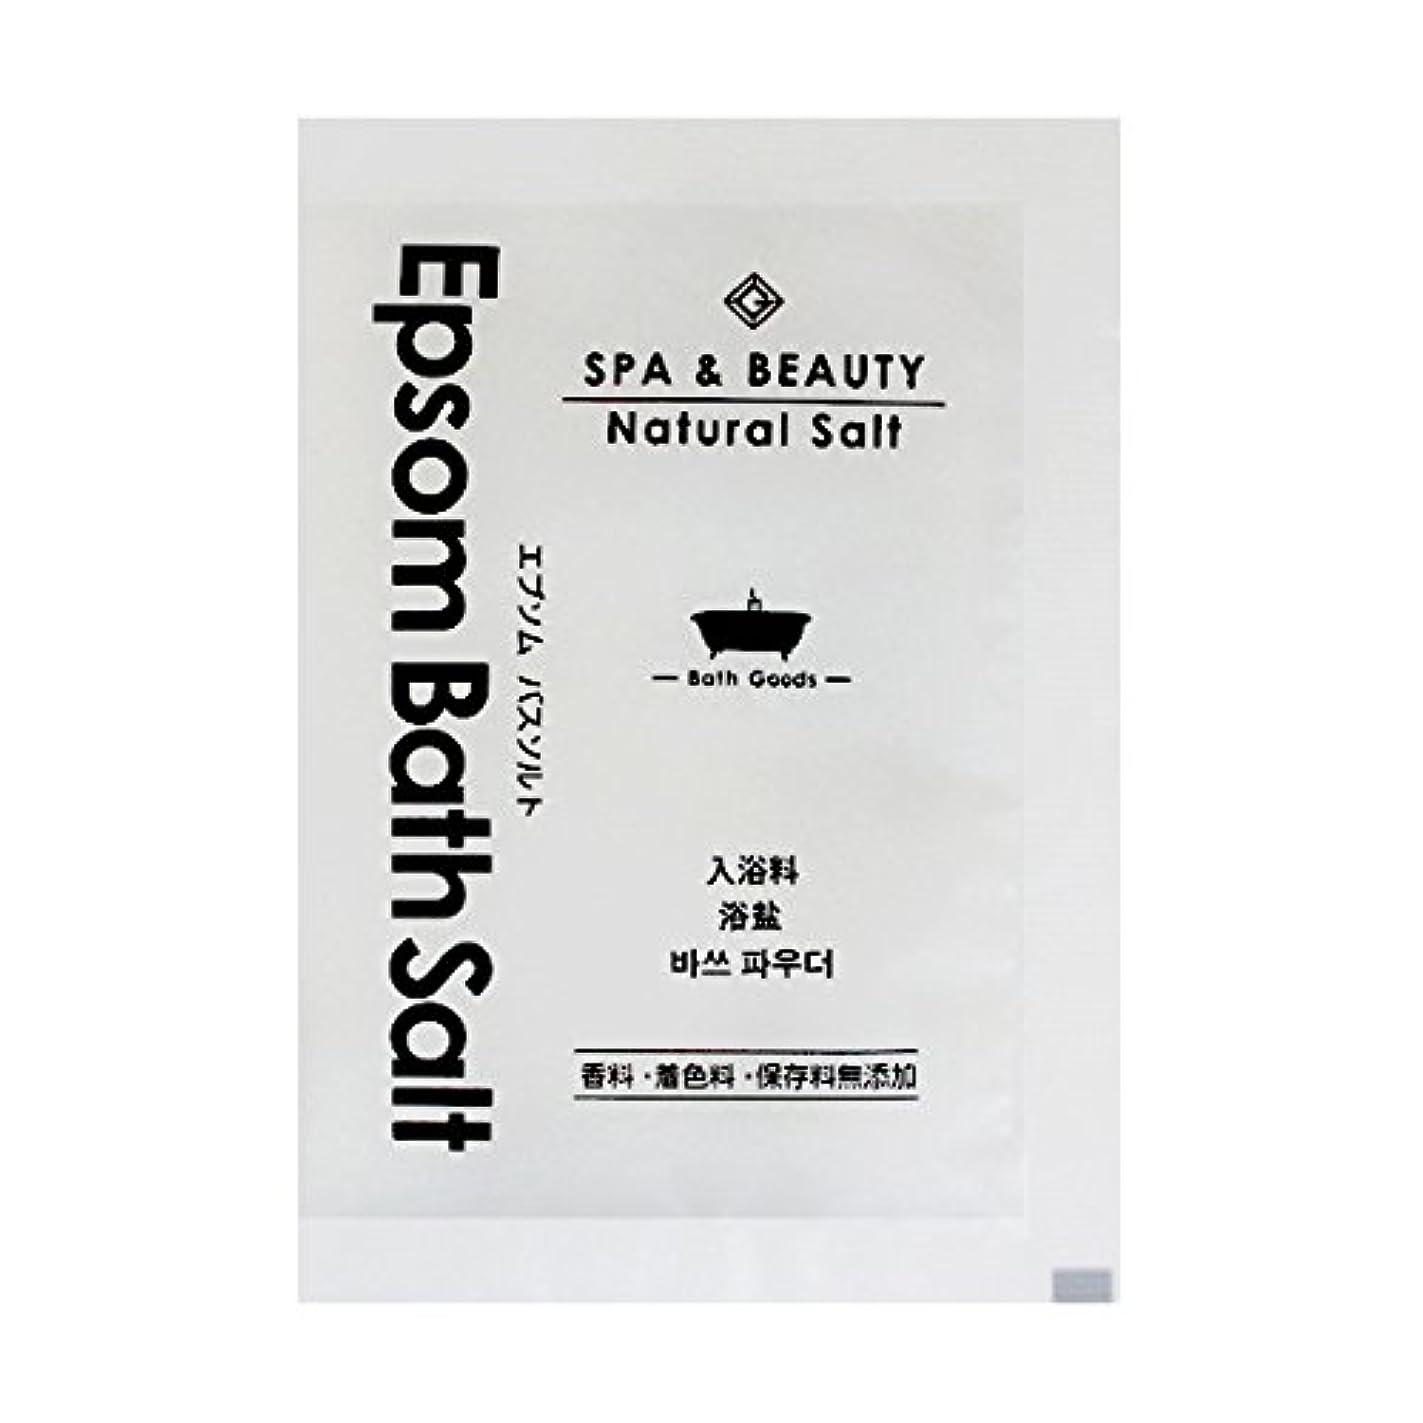 しなければならないパプアニューギニア嫌がらせ入浴剤 エプソム バスソルト 24個